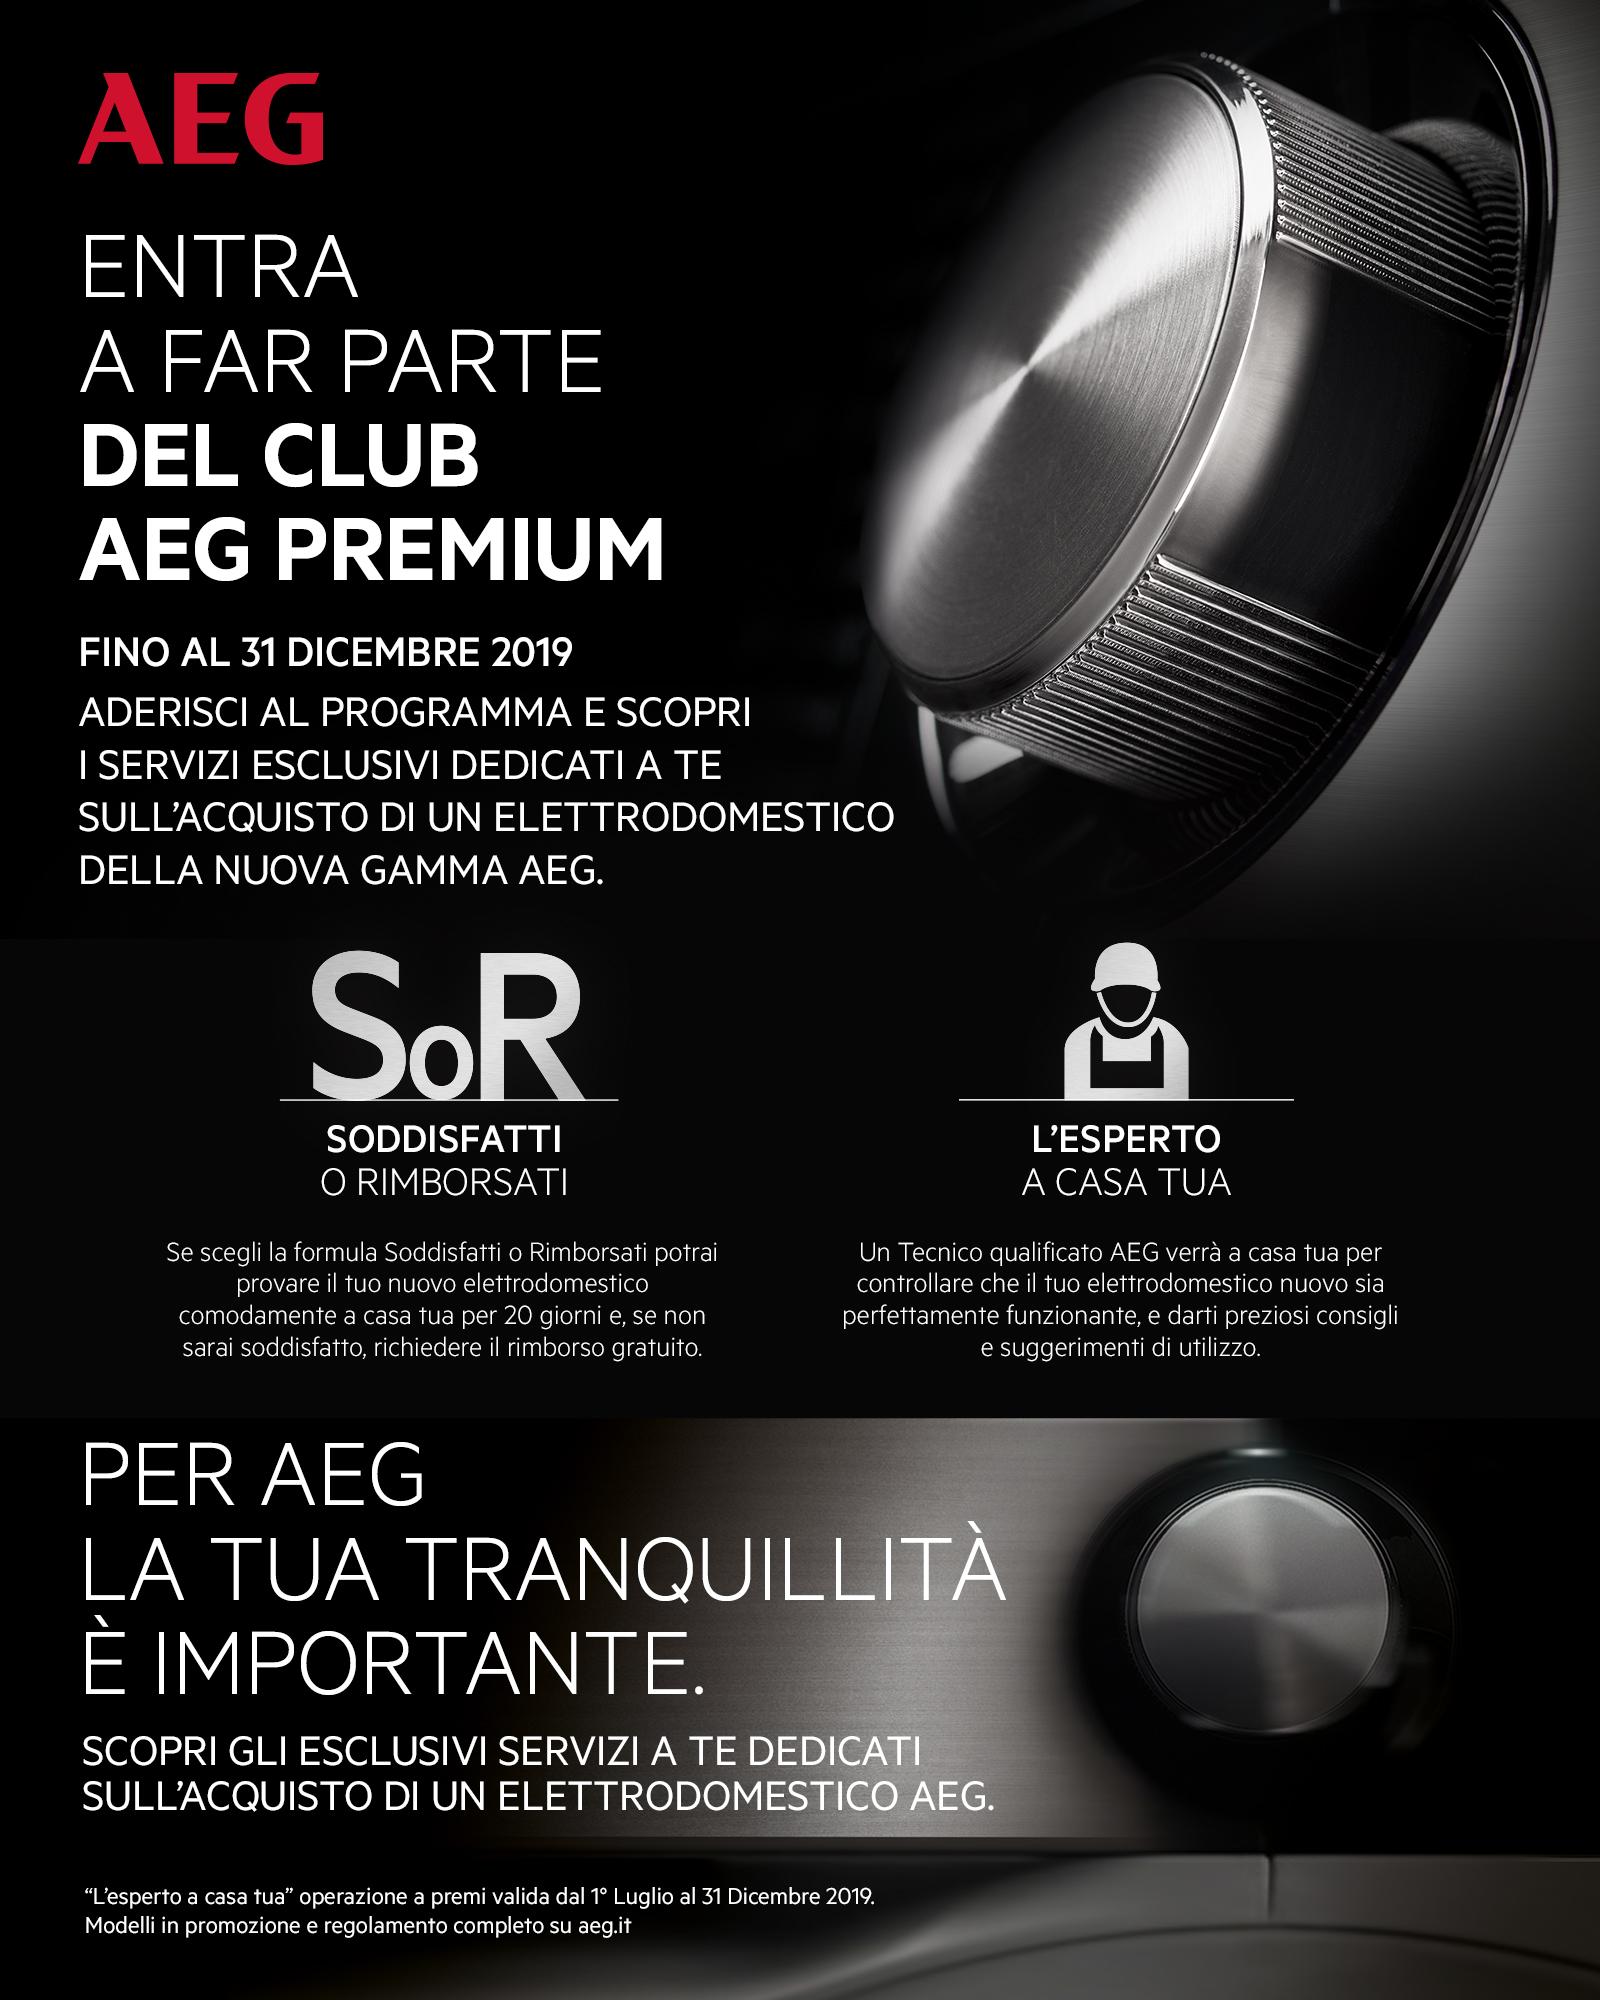 Promozione AEG Premium Club